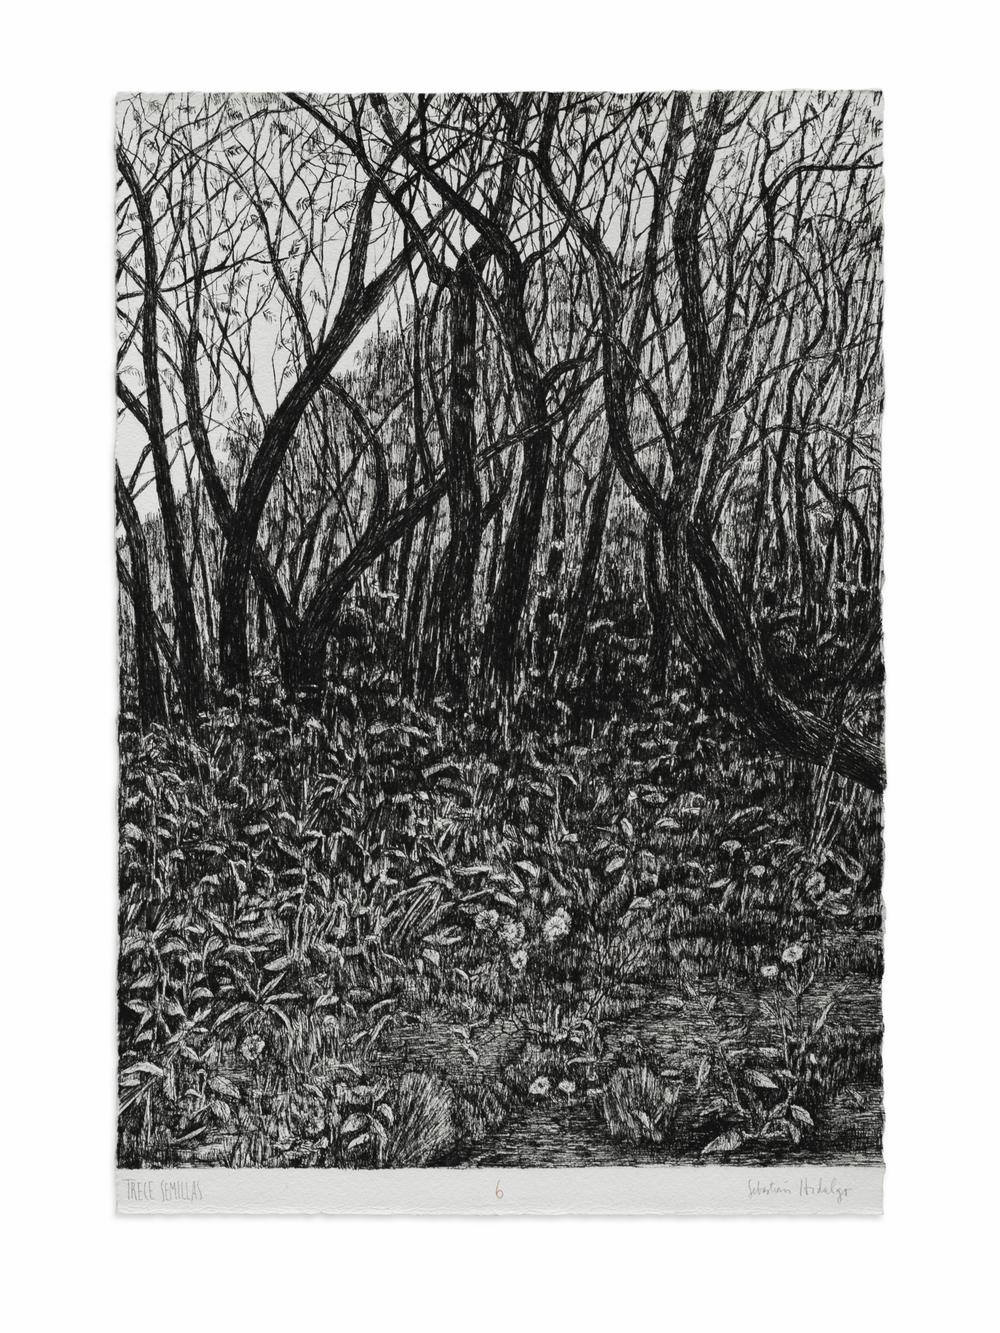 Trece semillas/6, 2015 Ink on paper, 39 x 26.5 cm